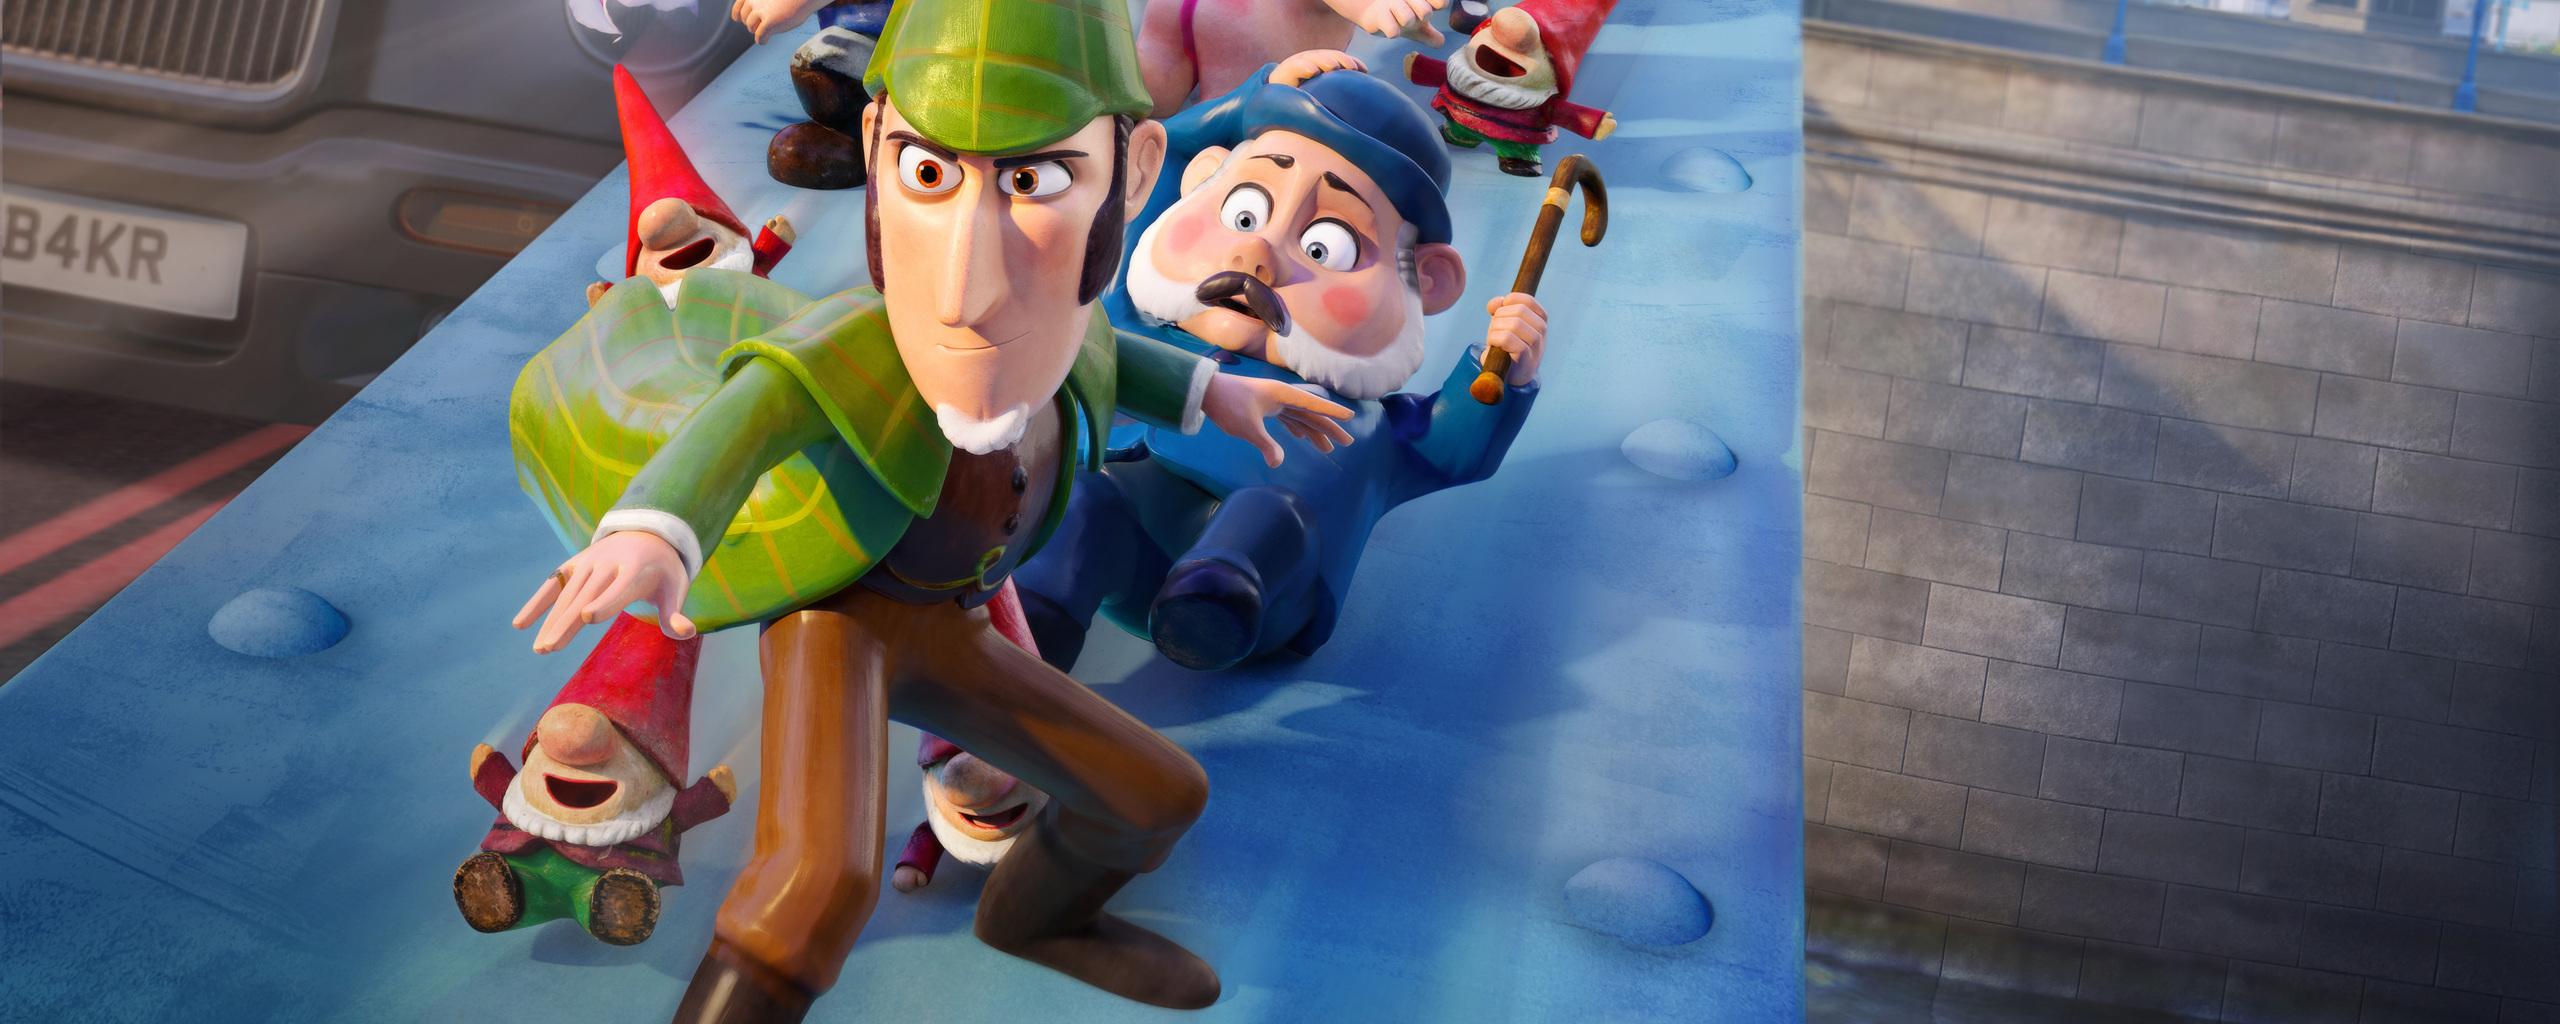 sherlock-gnomes-2018-movie-2j.jpg